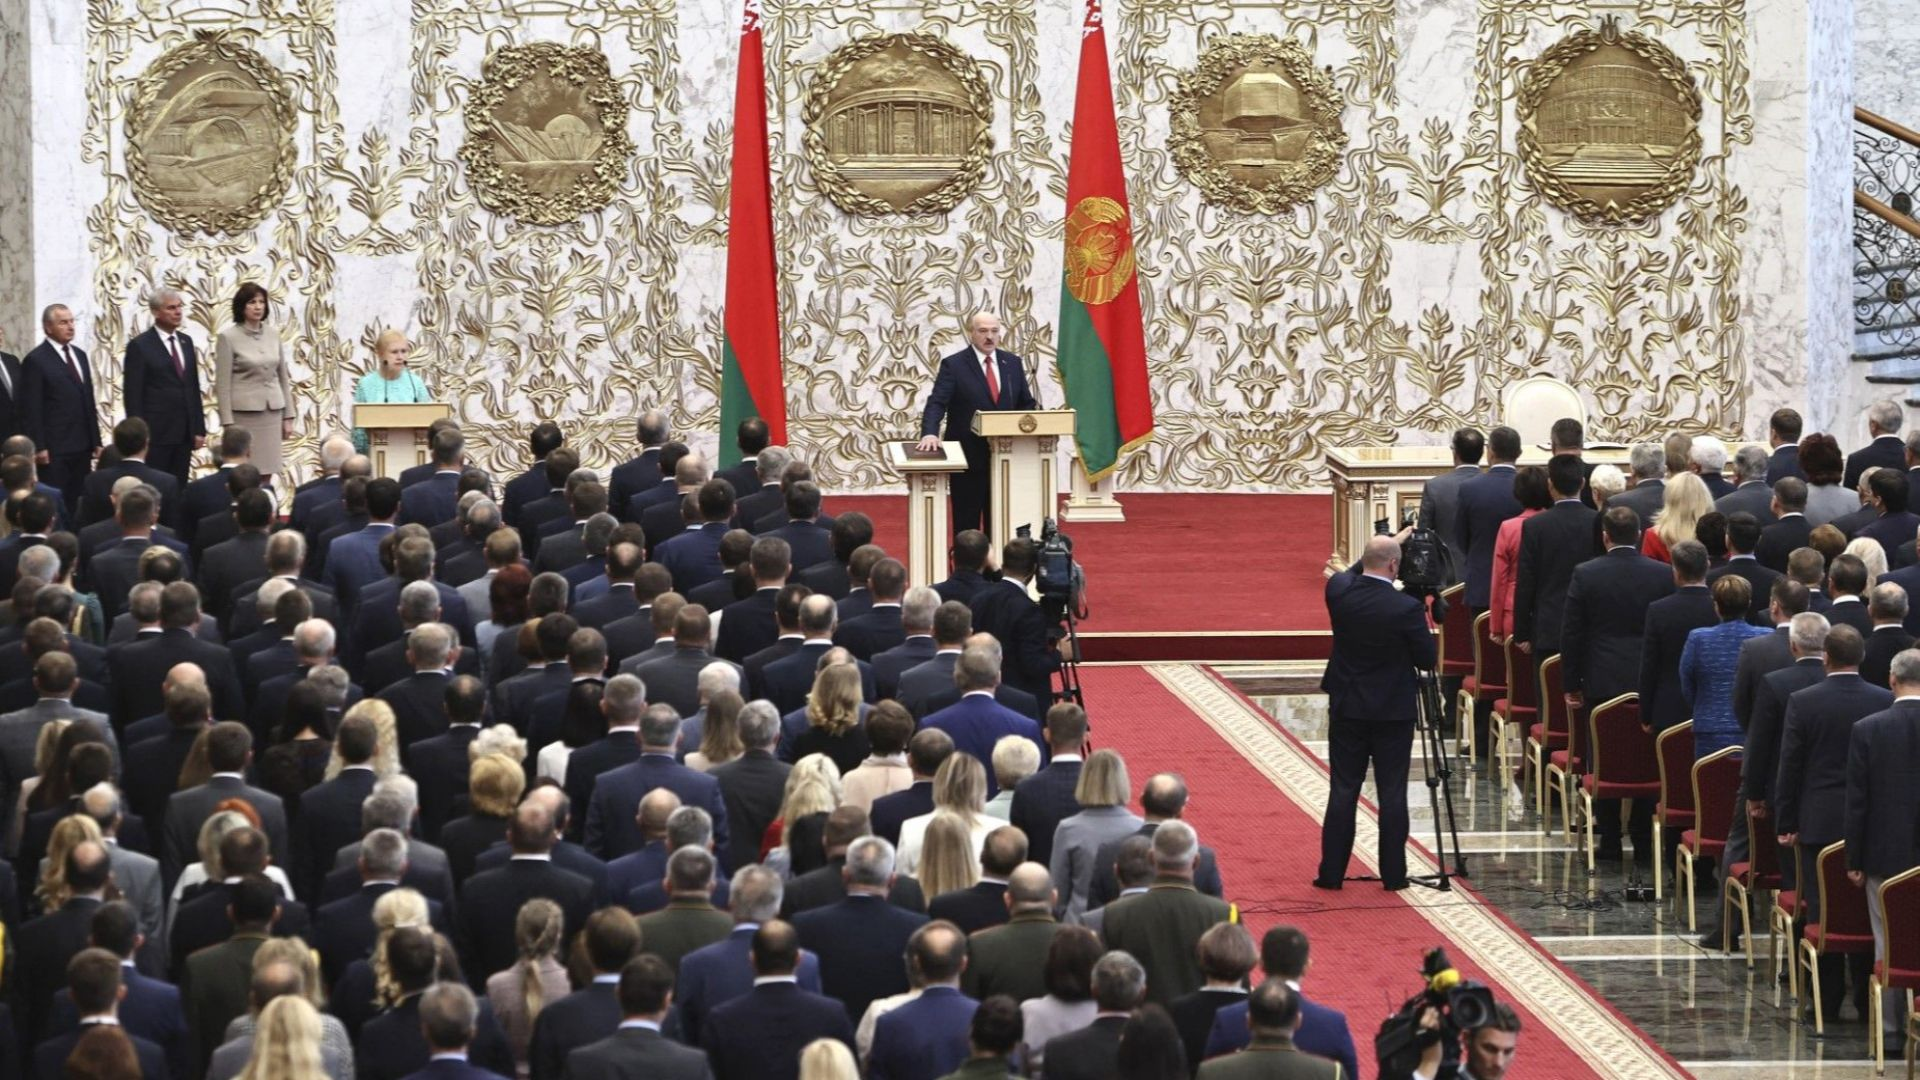 """Със """"спецоперацията"""" си Лукашенко престана да бъде """"бащица"""" за беларусите"""